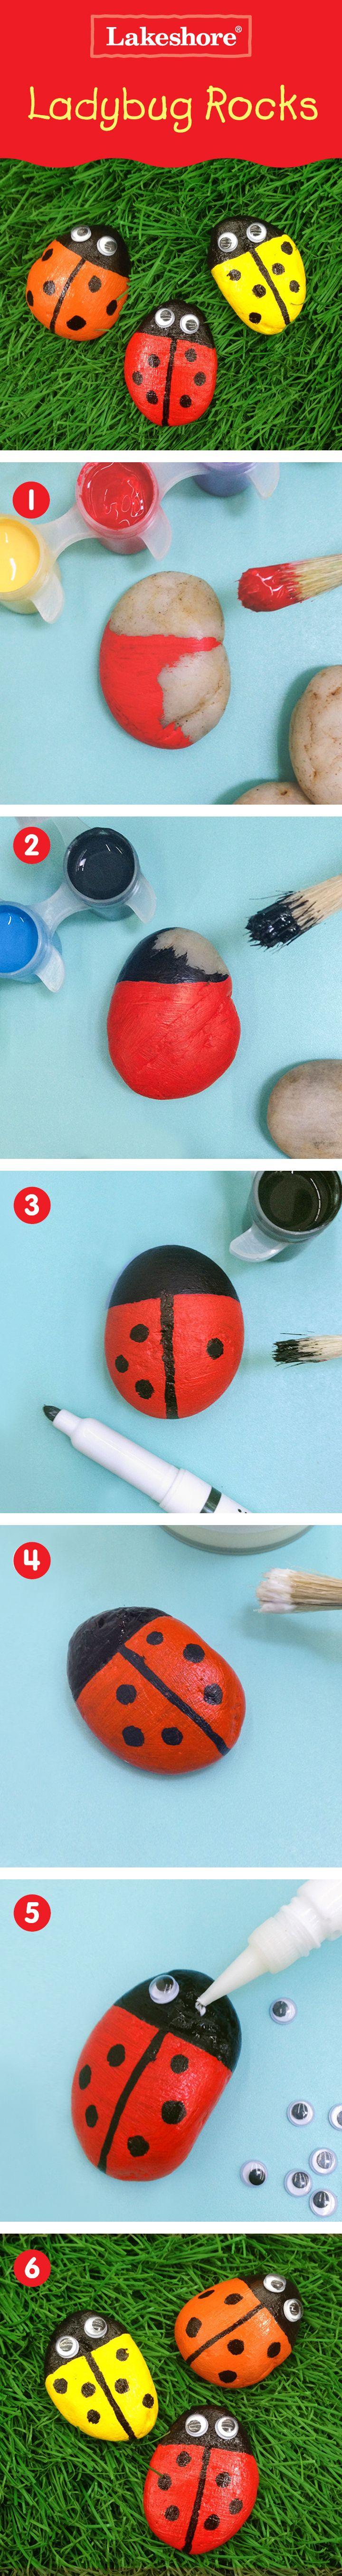 Idée vacances : peindre les galets ramassés sur la plage